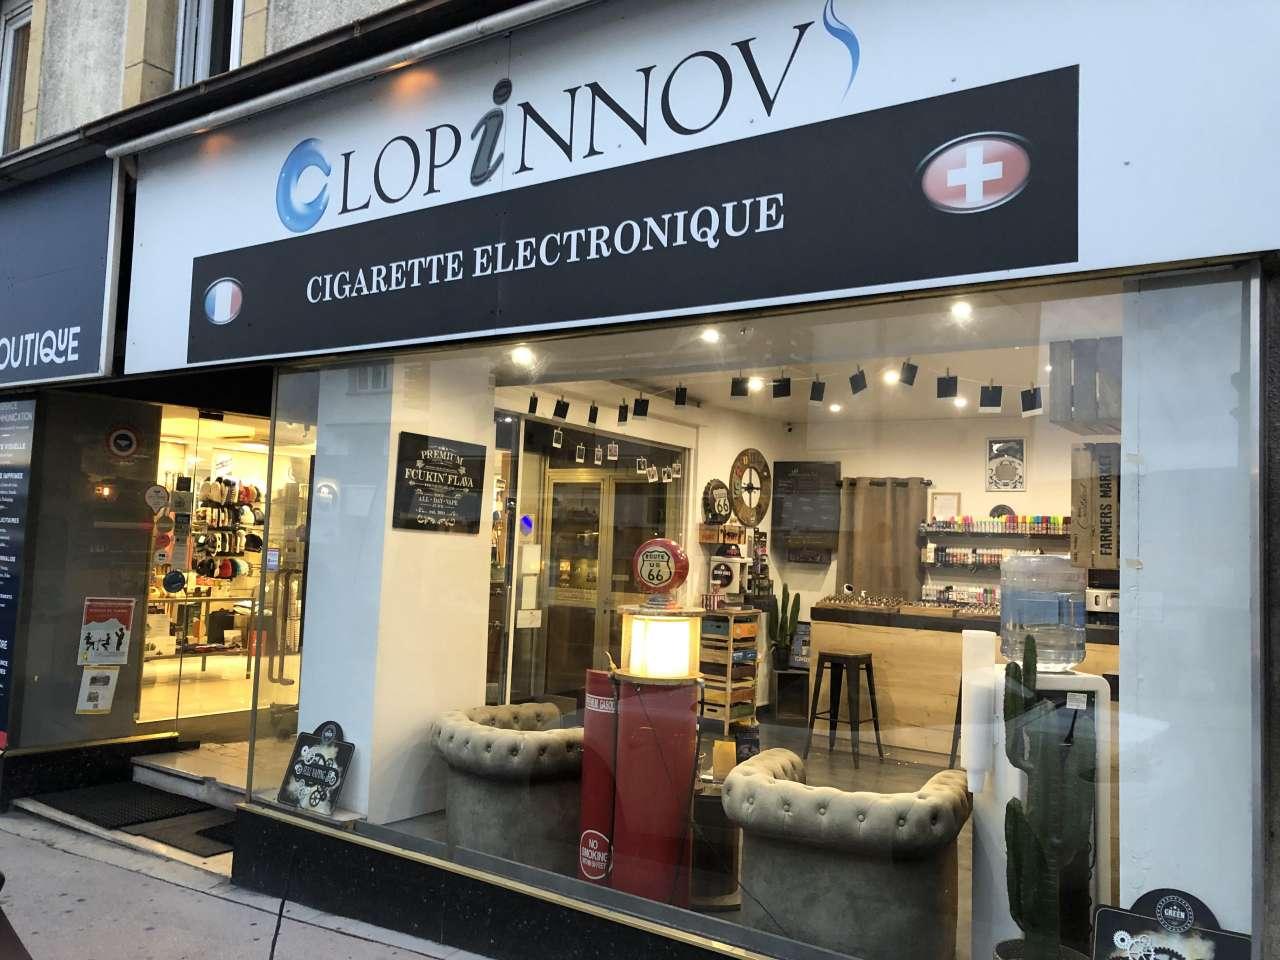 Image CLOPINNOV